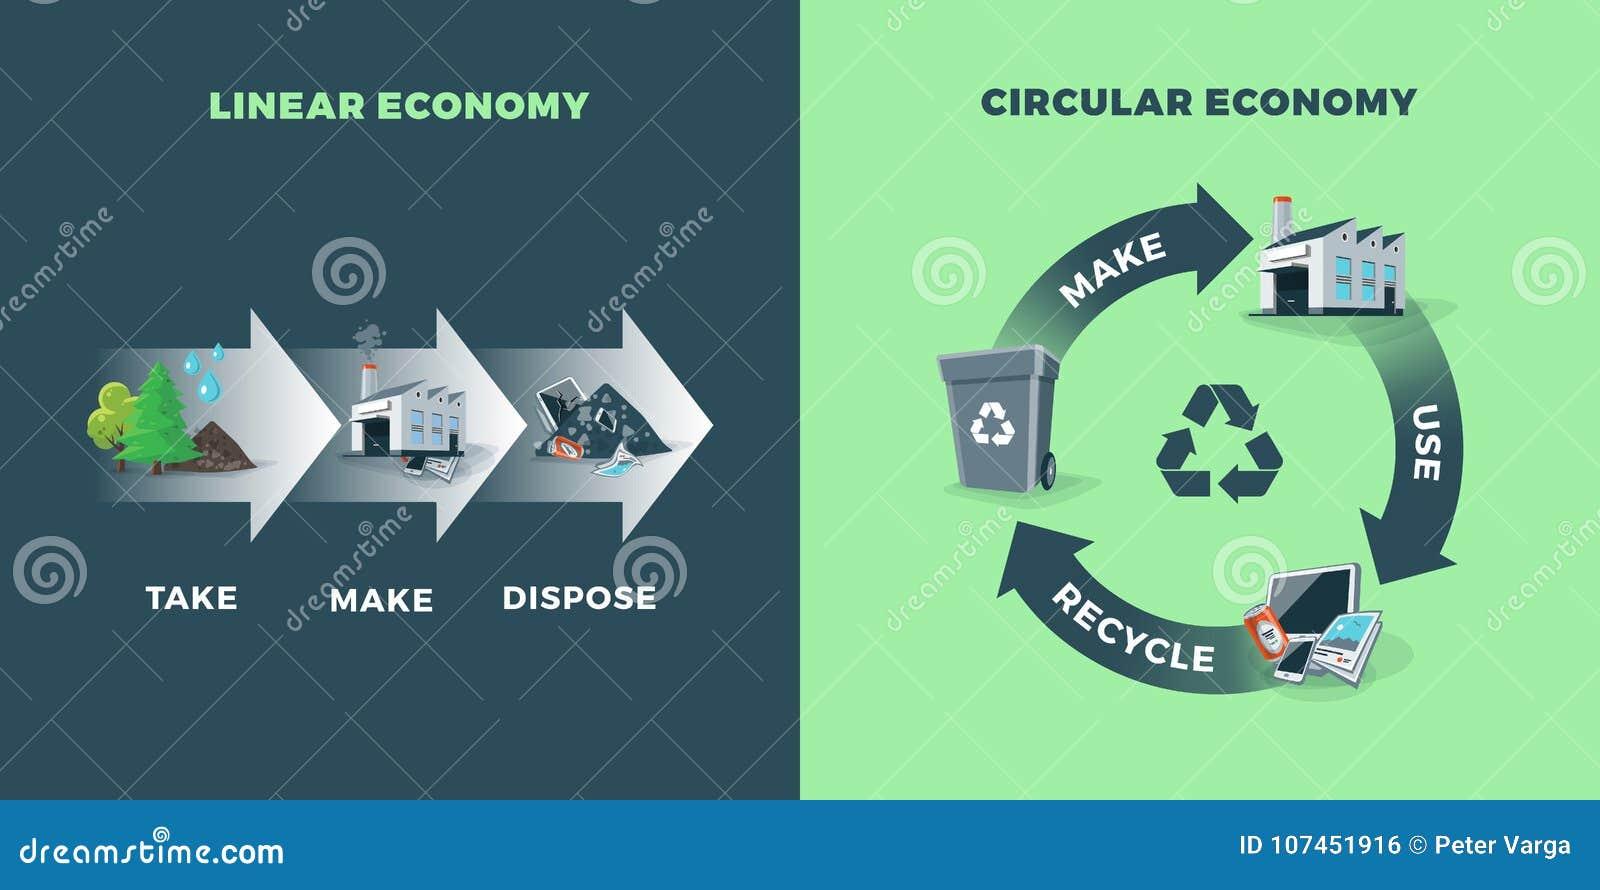 Économie circulaire et linéaire comparée